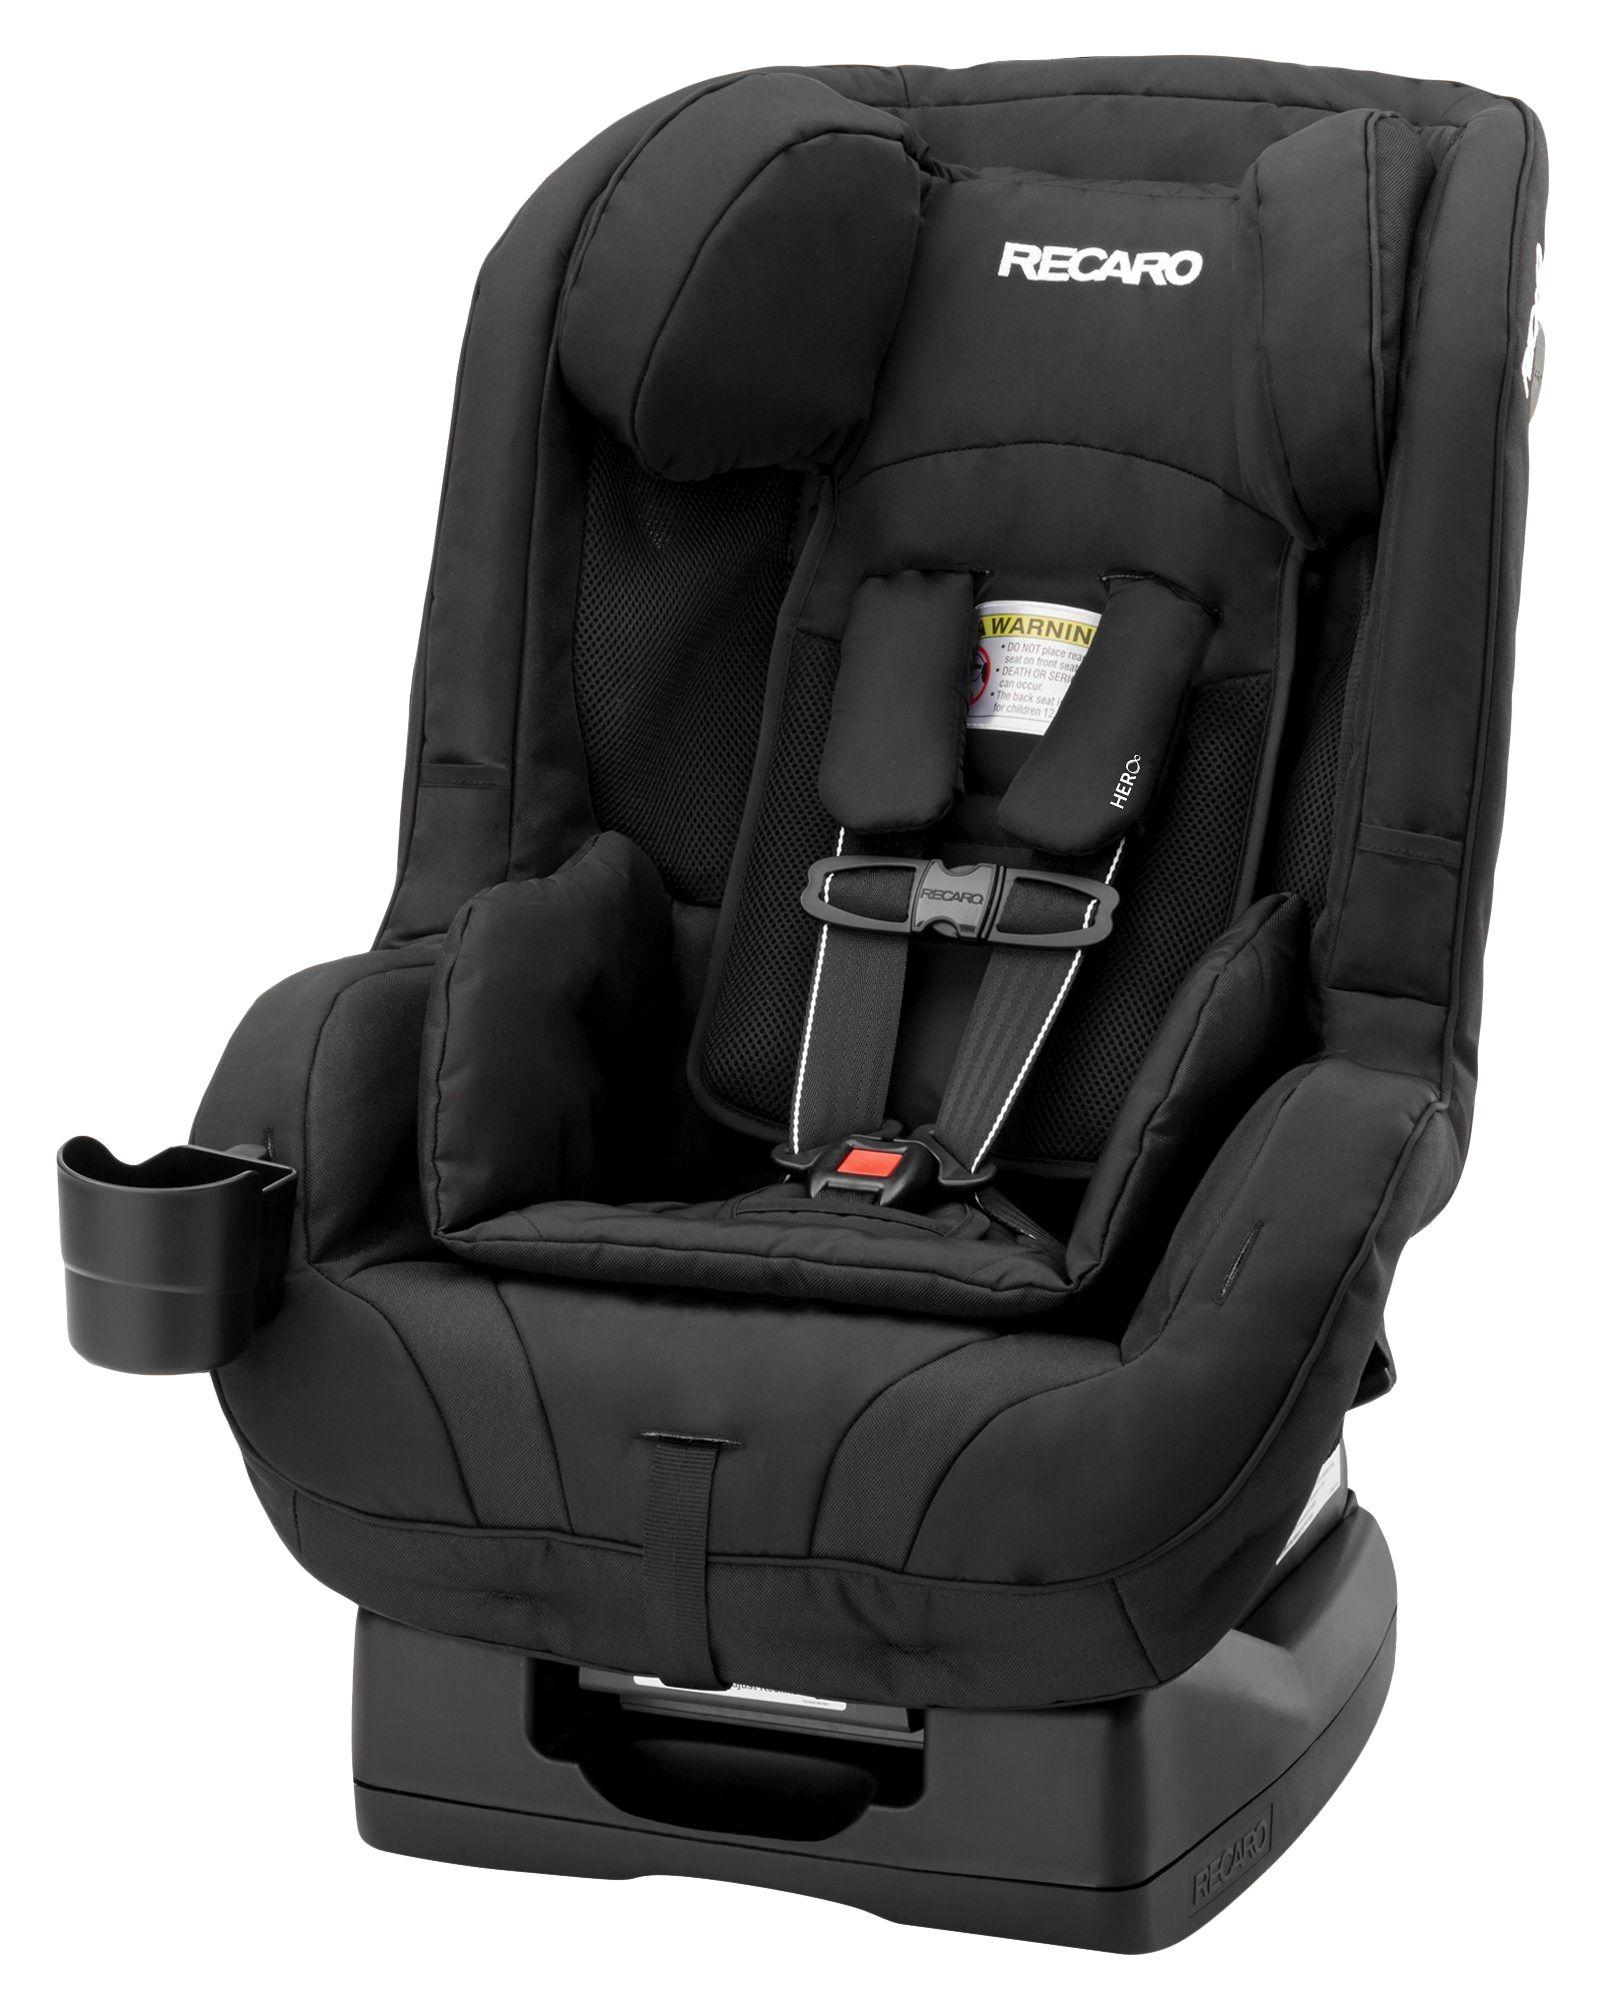 Car seatscar seatconvertible car seatconvertible car